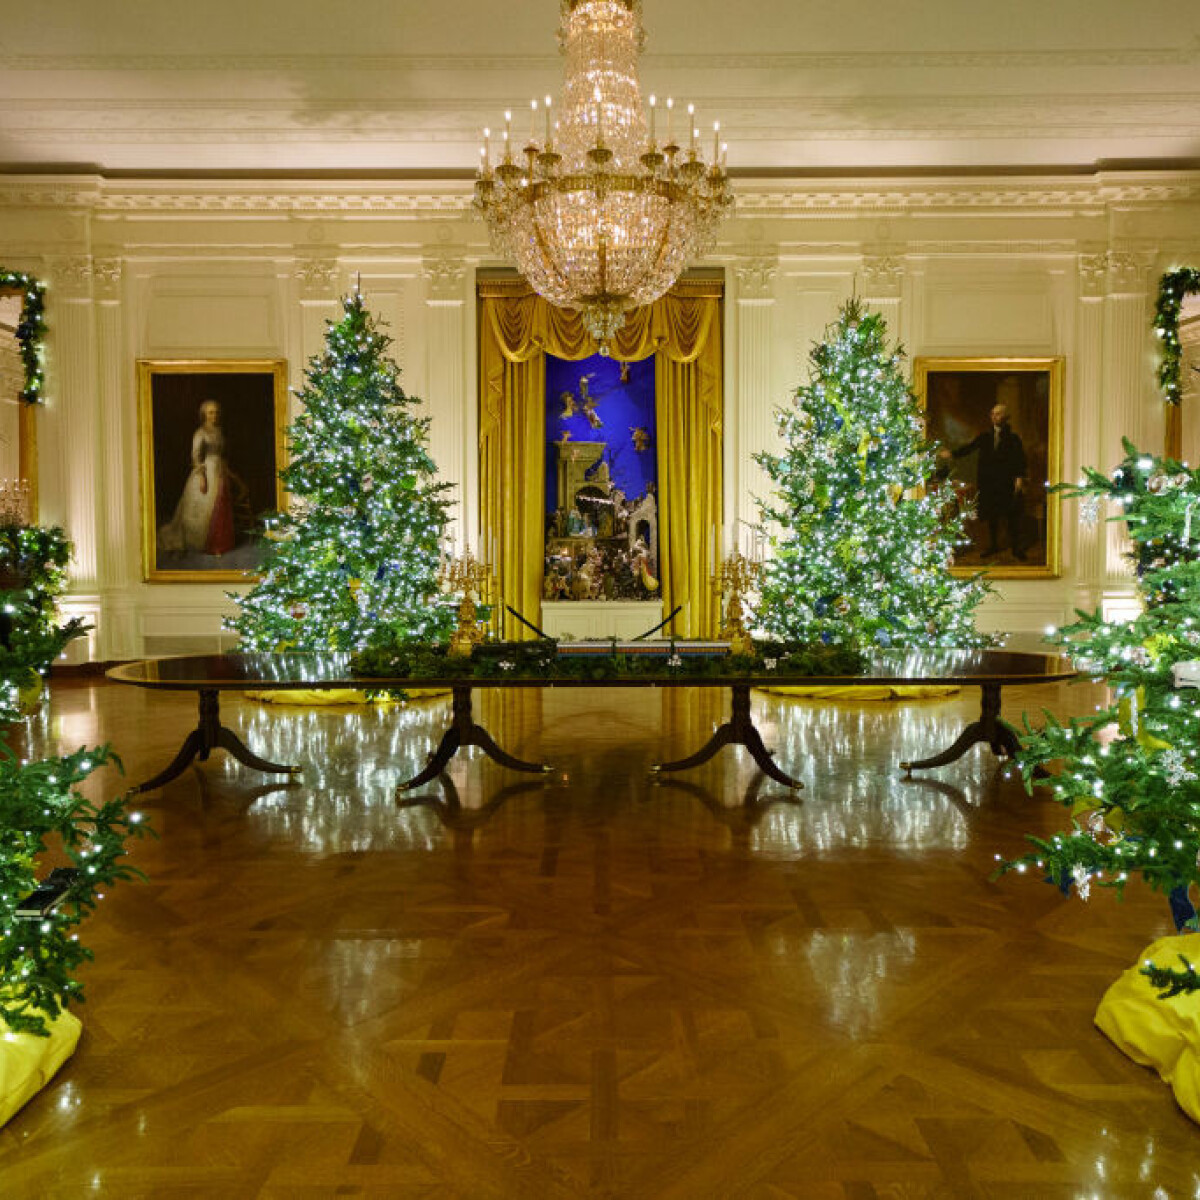 Melania Trump kitett magáért: elképesztő lett a Fehér Ház idei karácsonyi dekorációja